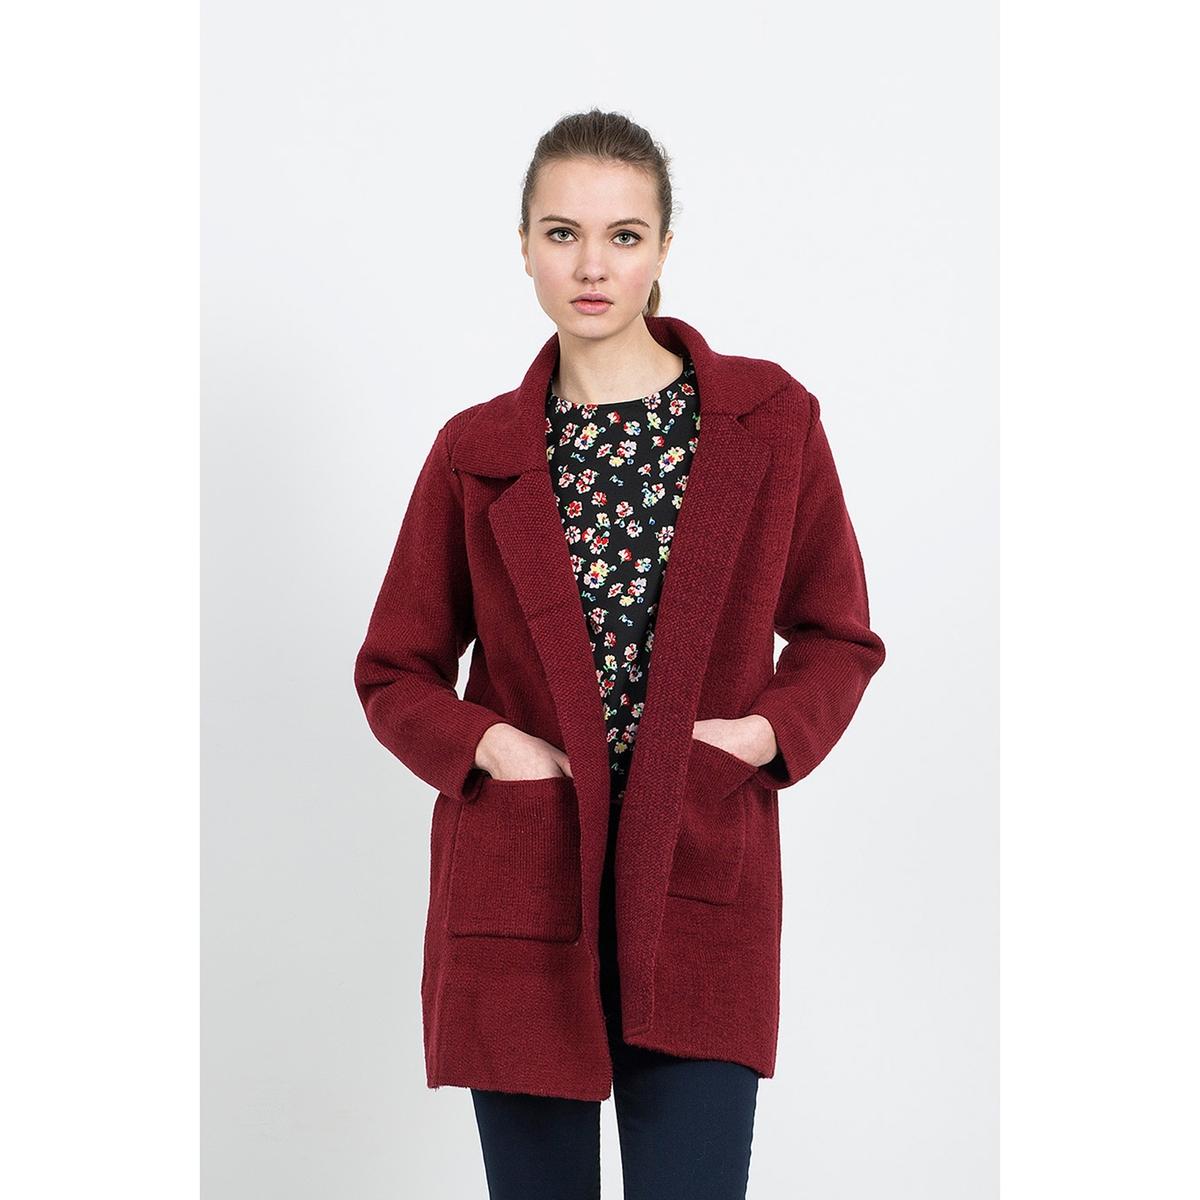 Пальто средней длины из 100% шерстиПальто средней длины COMPANIA FANTASTICA. Стильное пальто в этом сезоне оценят многие за его покрой средней длины, напоминающий пиджак, и за материал из 100% вареной шерсти. Состав и описание :Материал : 100% вареной шерсти.Марка : COMPANIA FANTASTICA.Уход: :Ручная стирка.<br><br>Цвет: бордовый